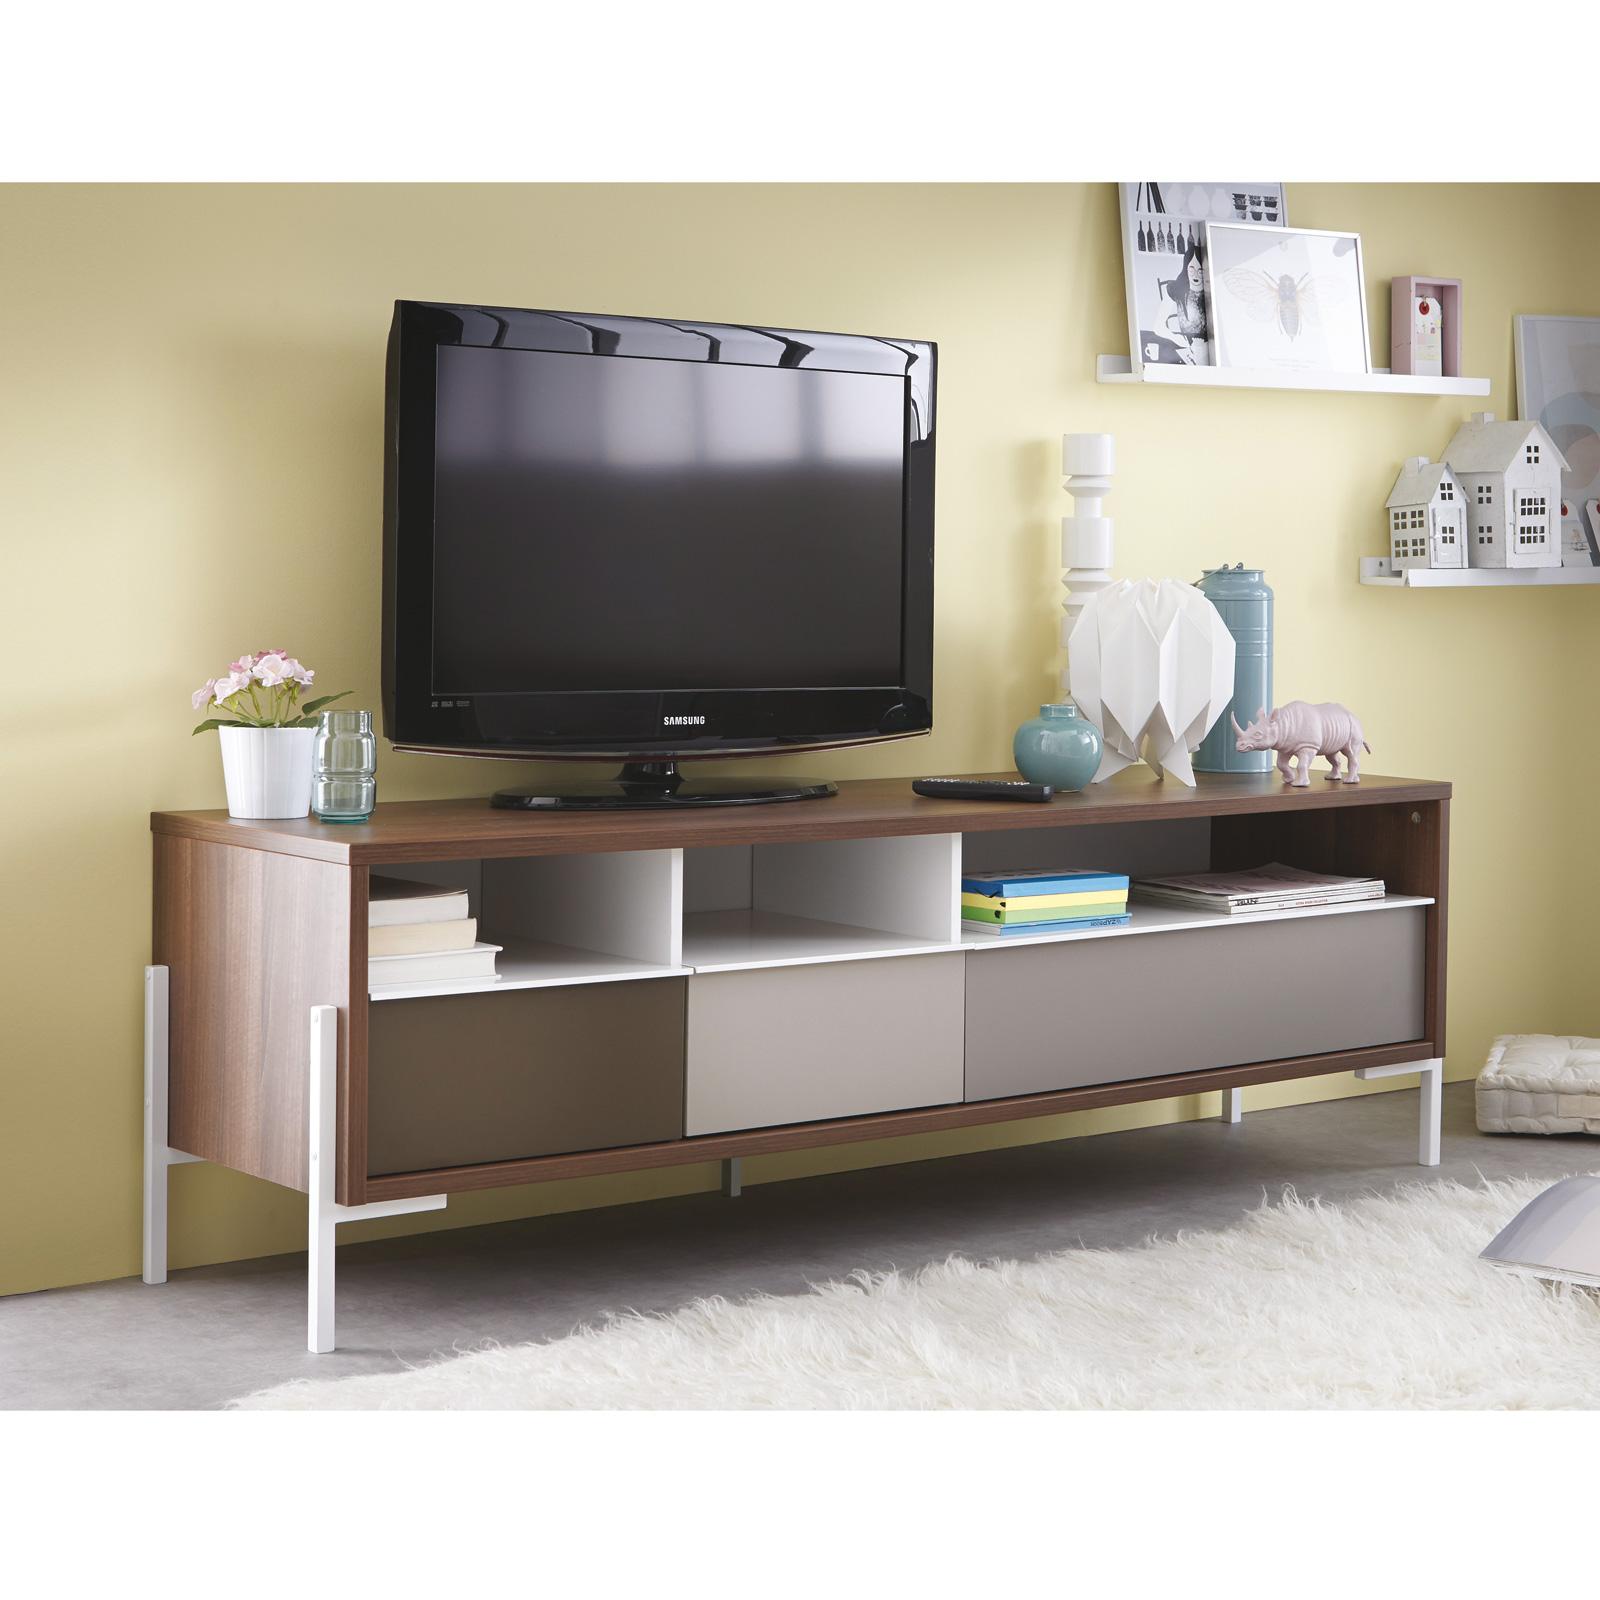 tv tisch vogue tv board lowboard tv unterschrank in nussbaum braun grau und wei ebay. Black Bedroom Furniture Sets. Home Design Ideas